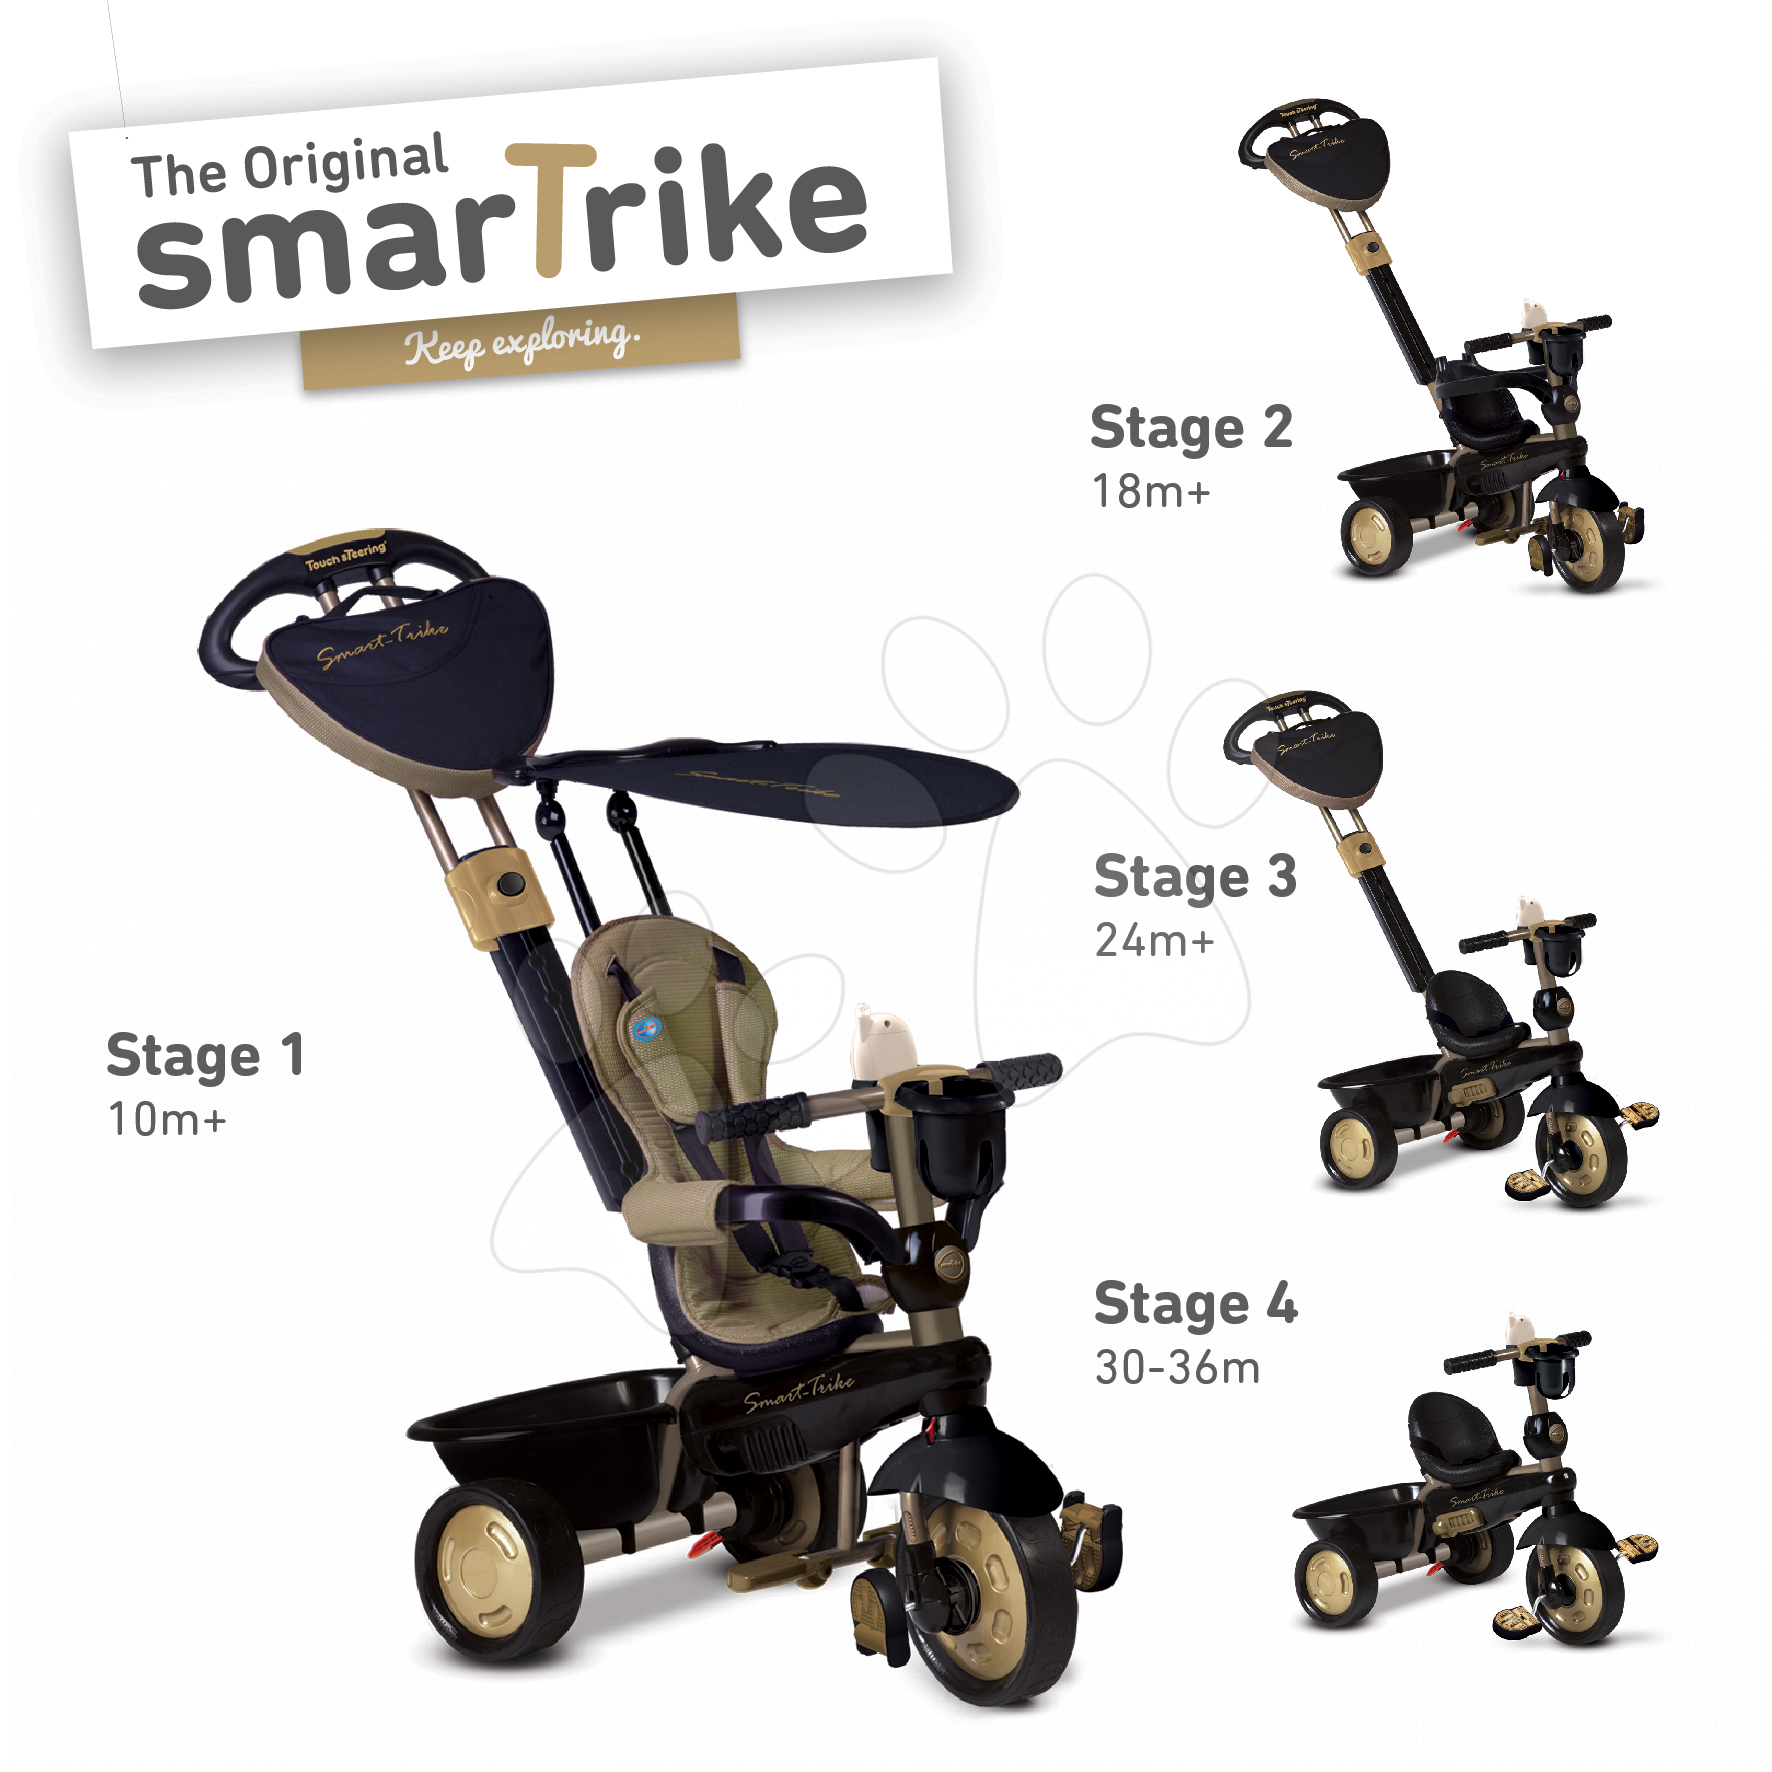 Tříkolka Dream Team Gold Touch Steering 4v1 smarTrike od 10 měsíců zlato-černá